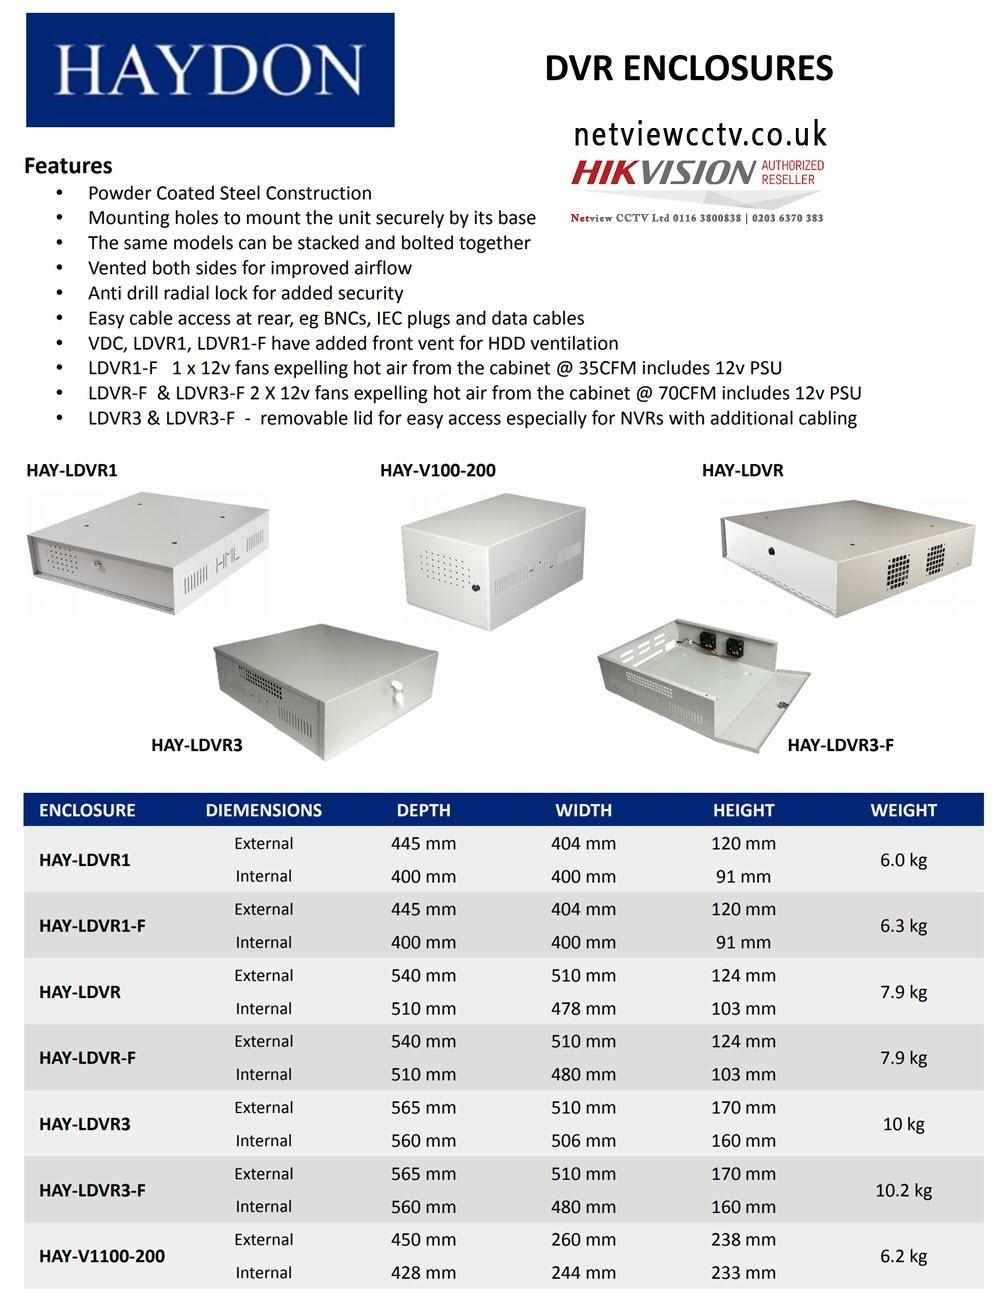 Haydon Large Lockable Steel DVR NVR Enclosure with Fans 565*510*170mm LDVR3-F